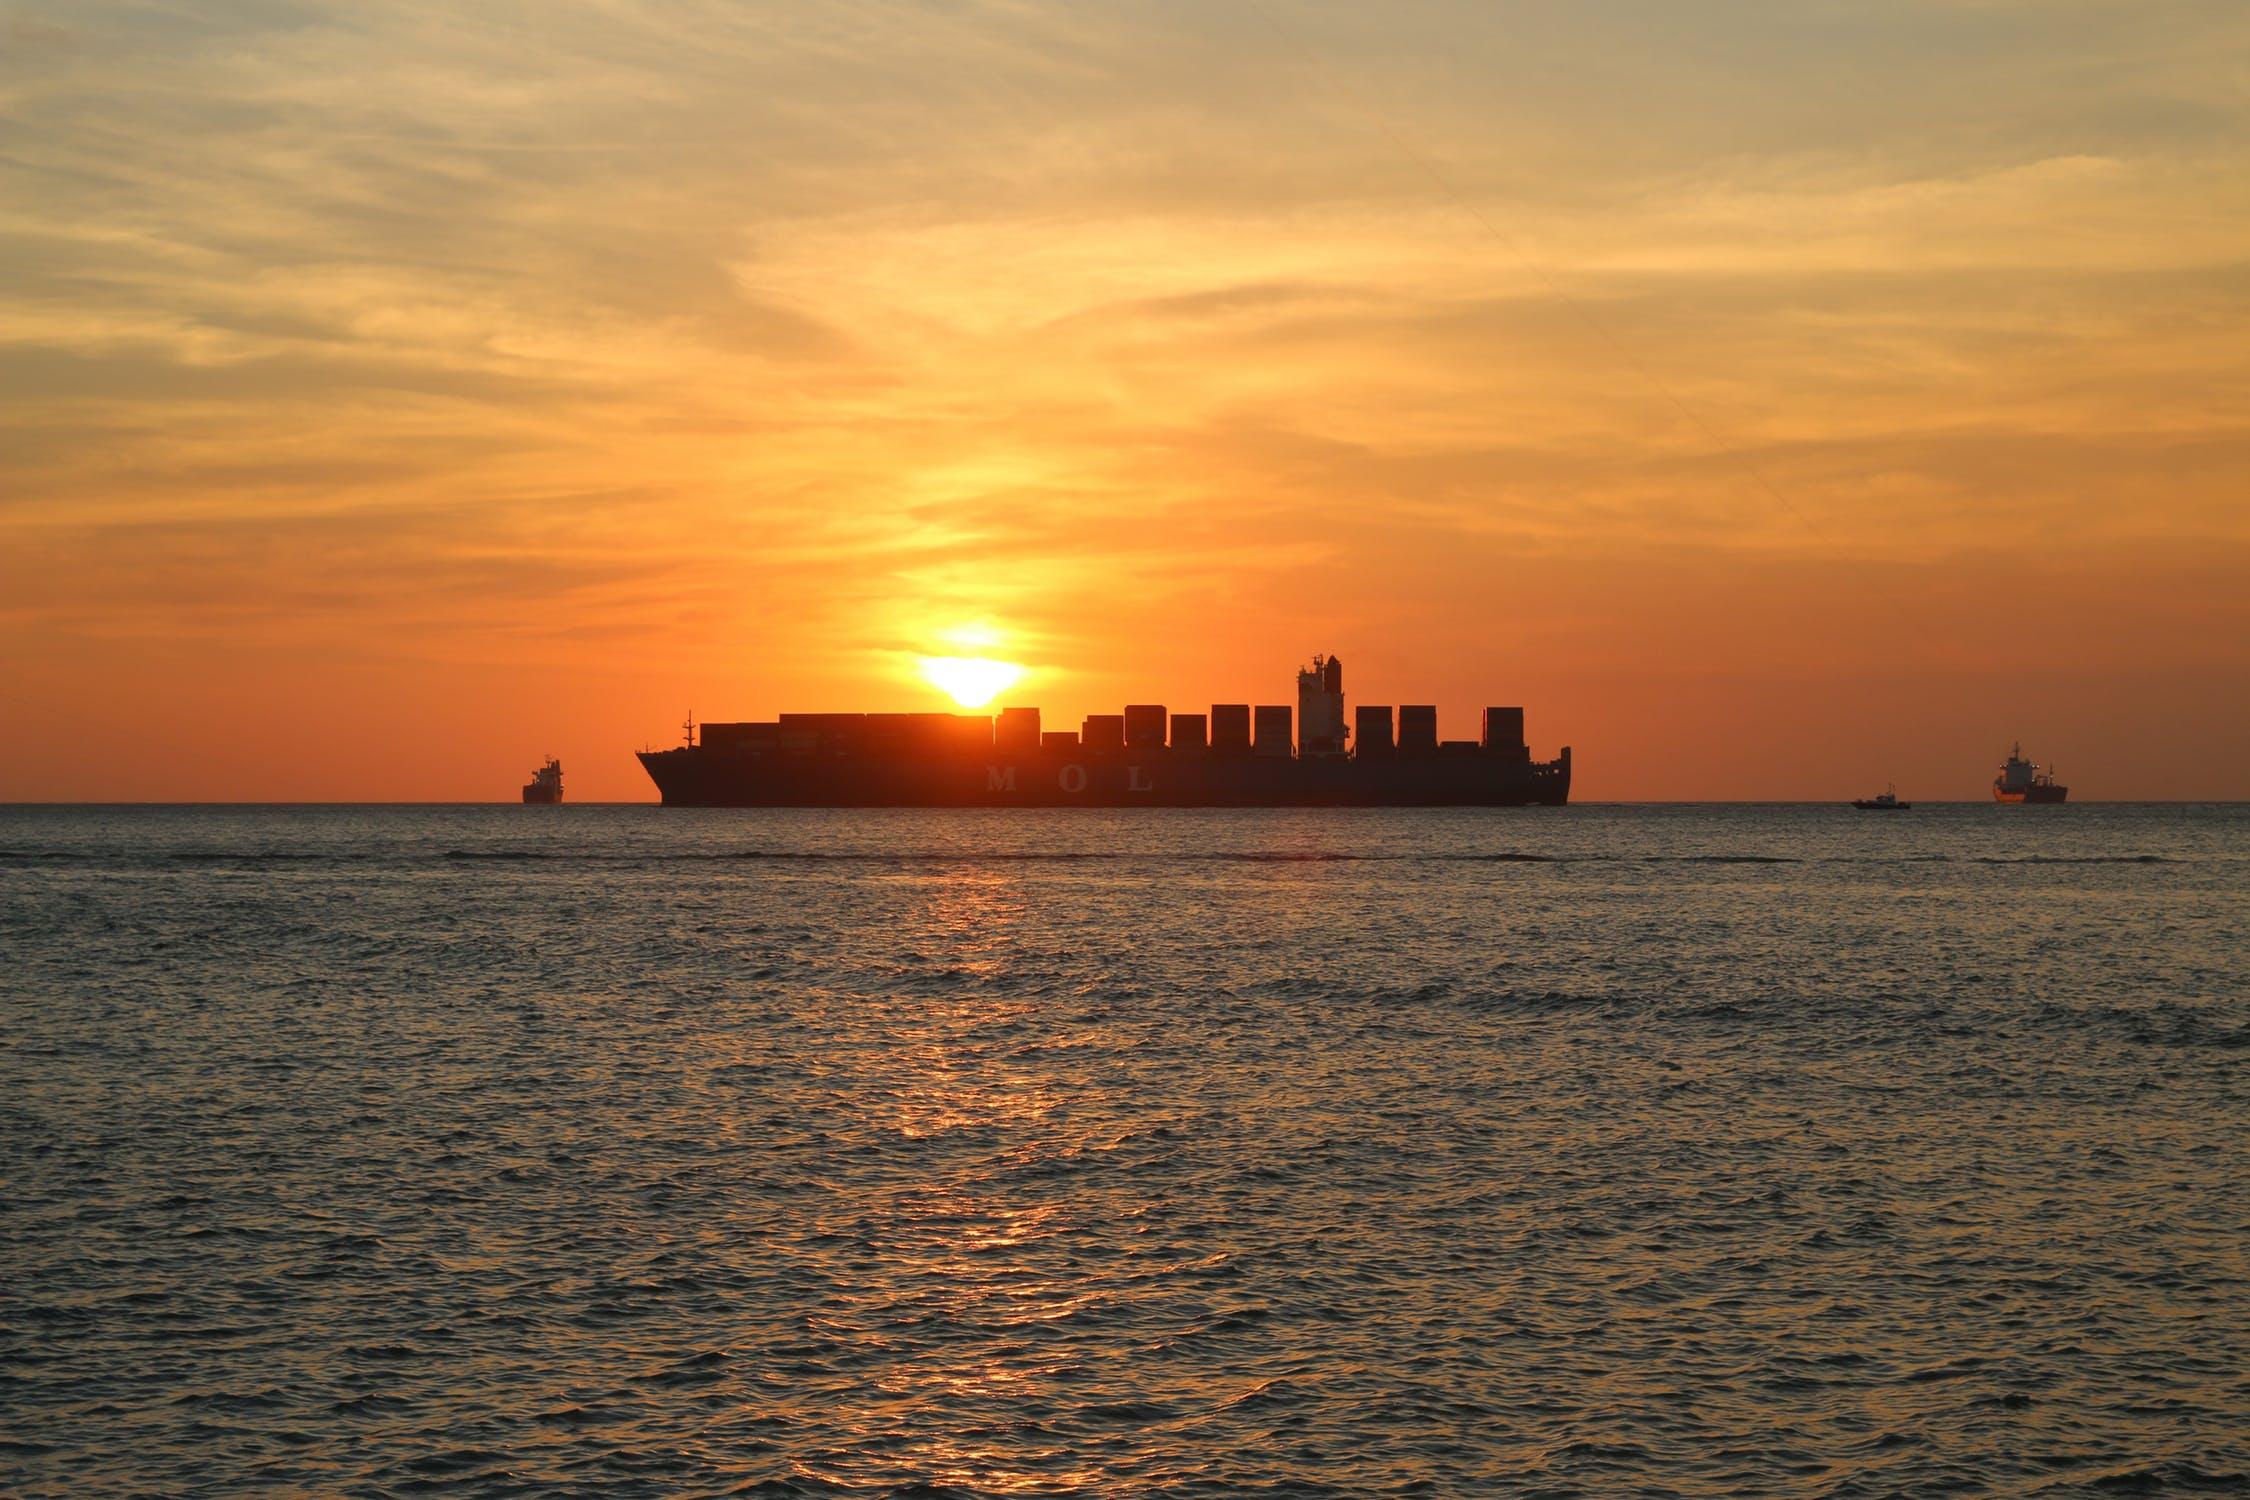 La gestión de tarifas en los freight forwarders está en evolución